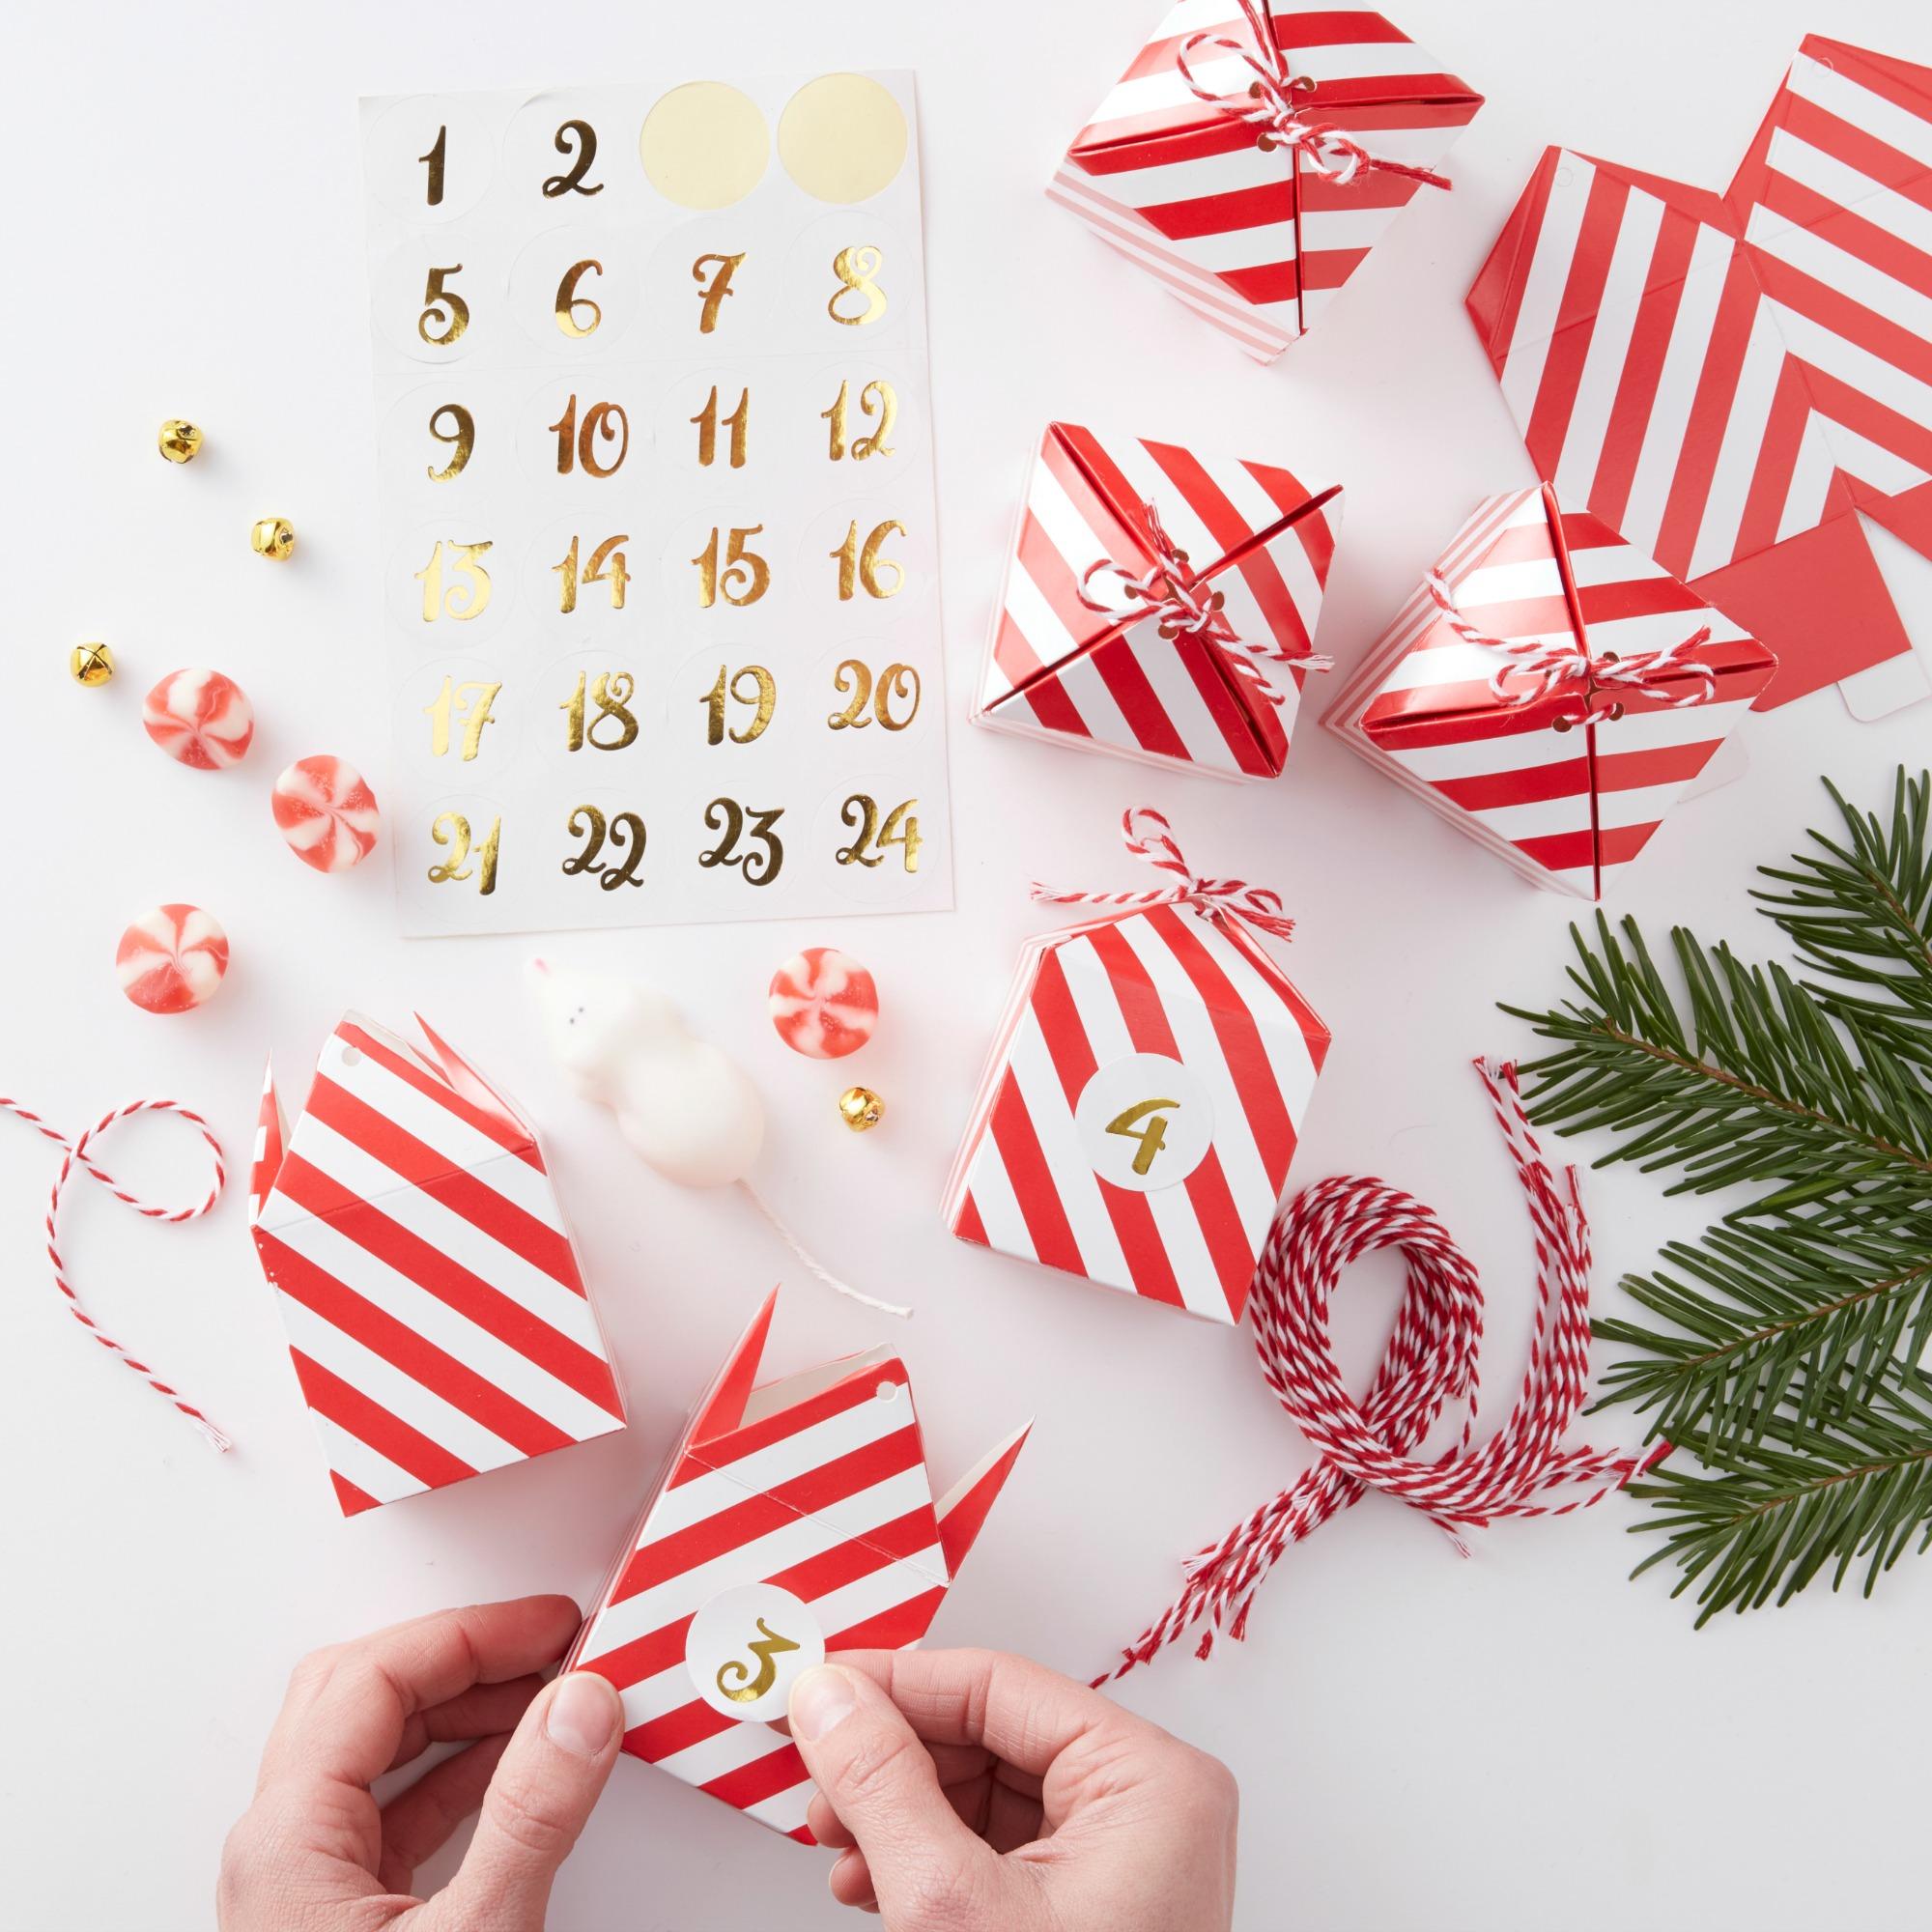 5e6ff66b9b6 O.a. het exemplaar op de foto hierboven, te koop voor €8,50 bij What a  Wonderful Christmas. Ook IKEA heeft trouwens een set minidoosjes om  adventscadeautjes ...